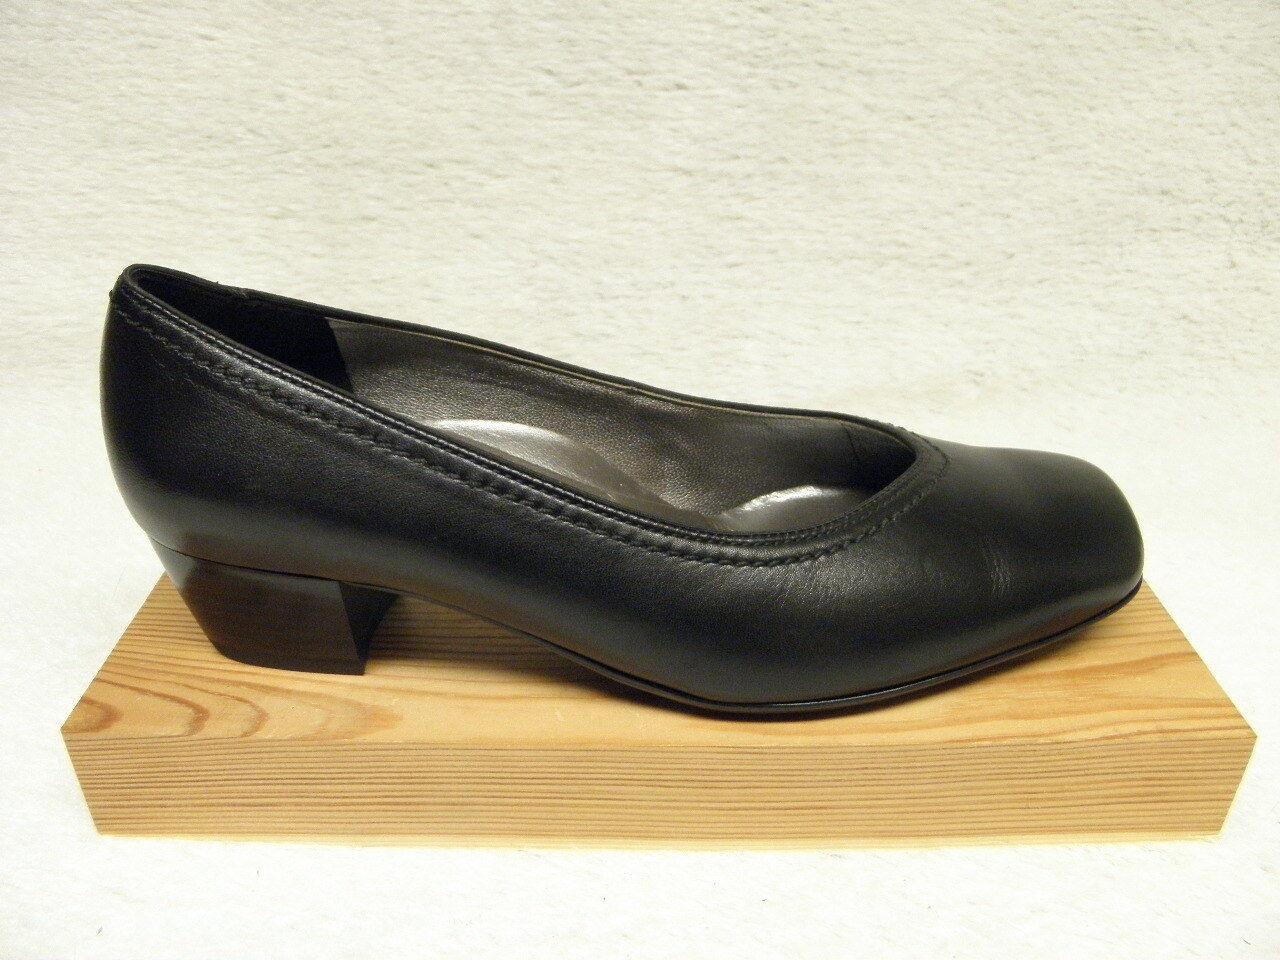 Ara ® sale hasta ahora  lejos lejos lejos negro + gratis premium-calcetines (z91)  punto de venta en línea